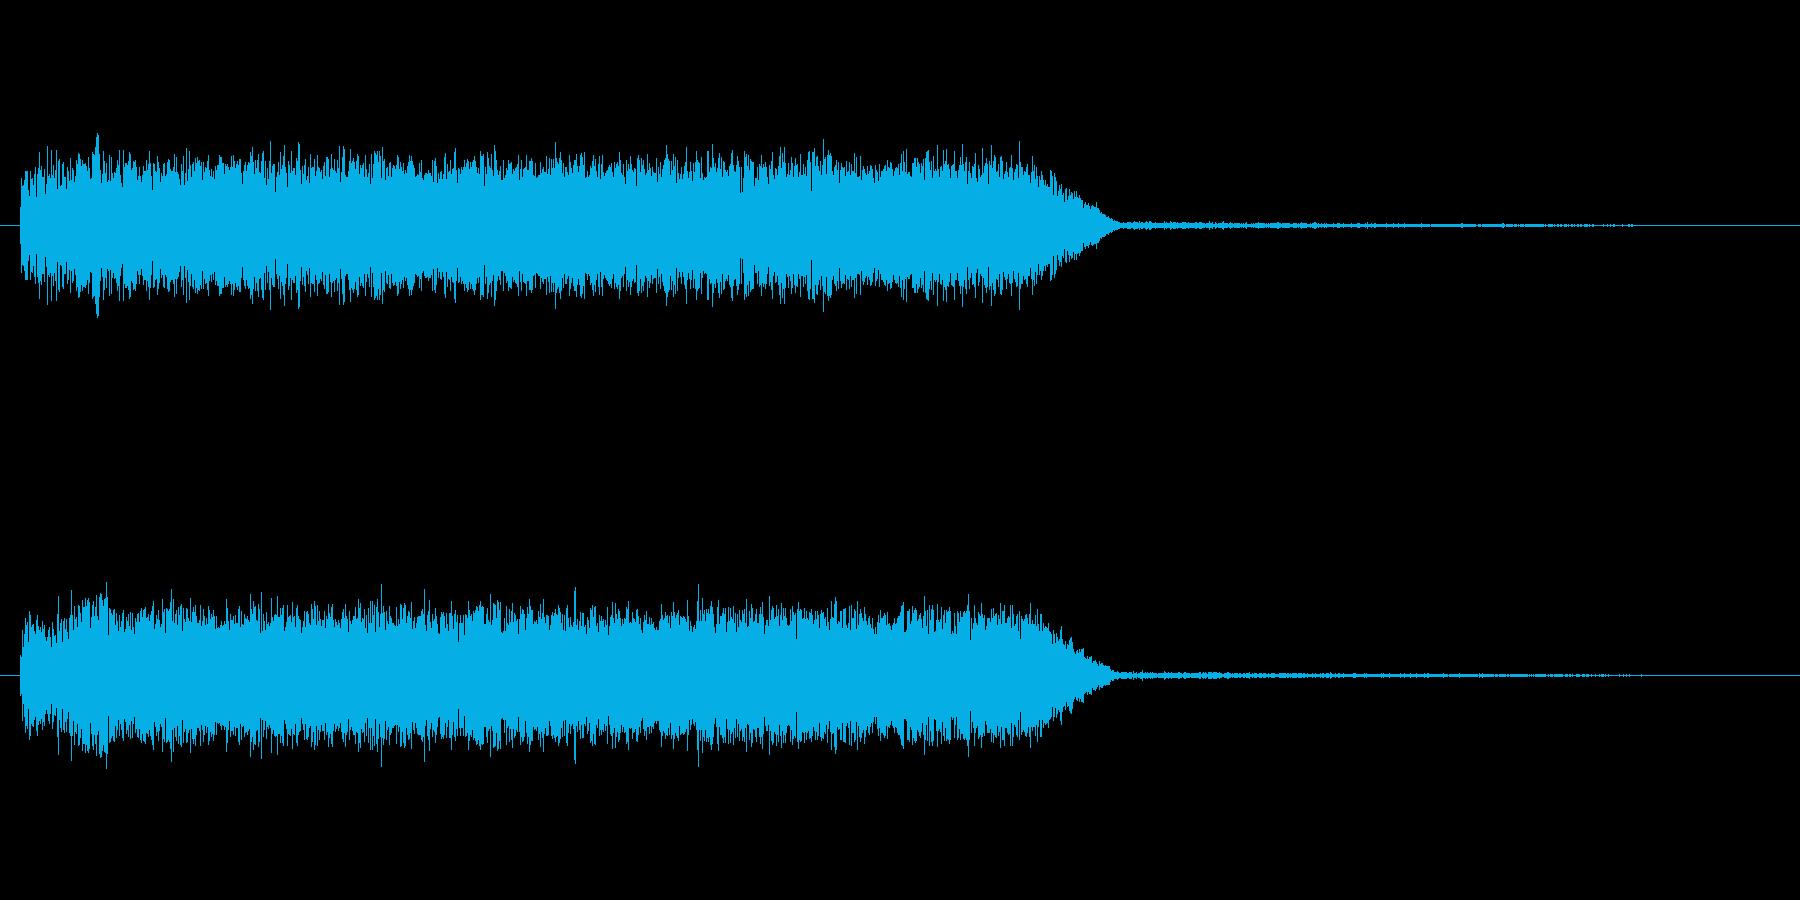 ウィーーン 光線 サイレン ロボの再生済みの波形